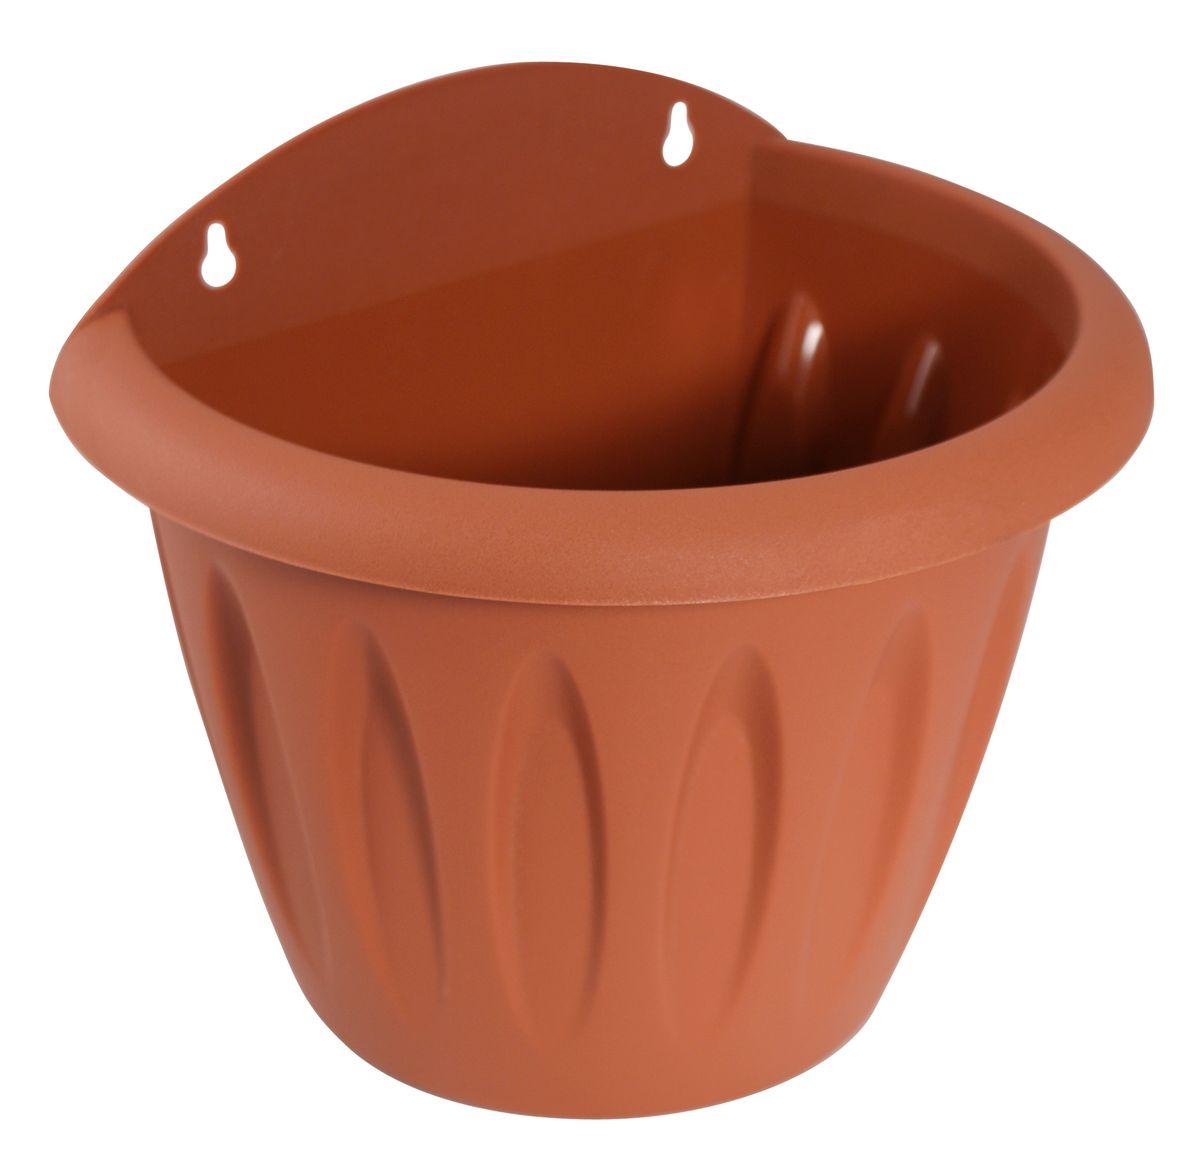 Кашпо настенное Martika Фелиция, цвет: терракотовый, 20 х 14,6 х 17,3 см531-401Настенное кашпо Martika Фелиция изготовлено из высококачественного пластика и имеет два удобных отверстия для крепления.Изделие прекрасно подойдет для выращивания растений дома и на приусадебных участках. Размер изделия: 20 х 14,6 х 17,3 см.